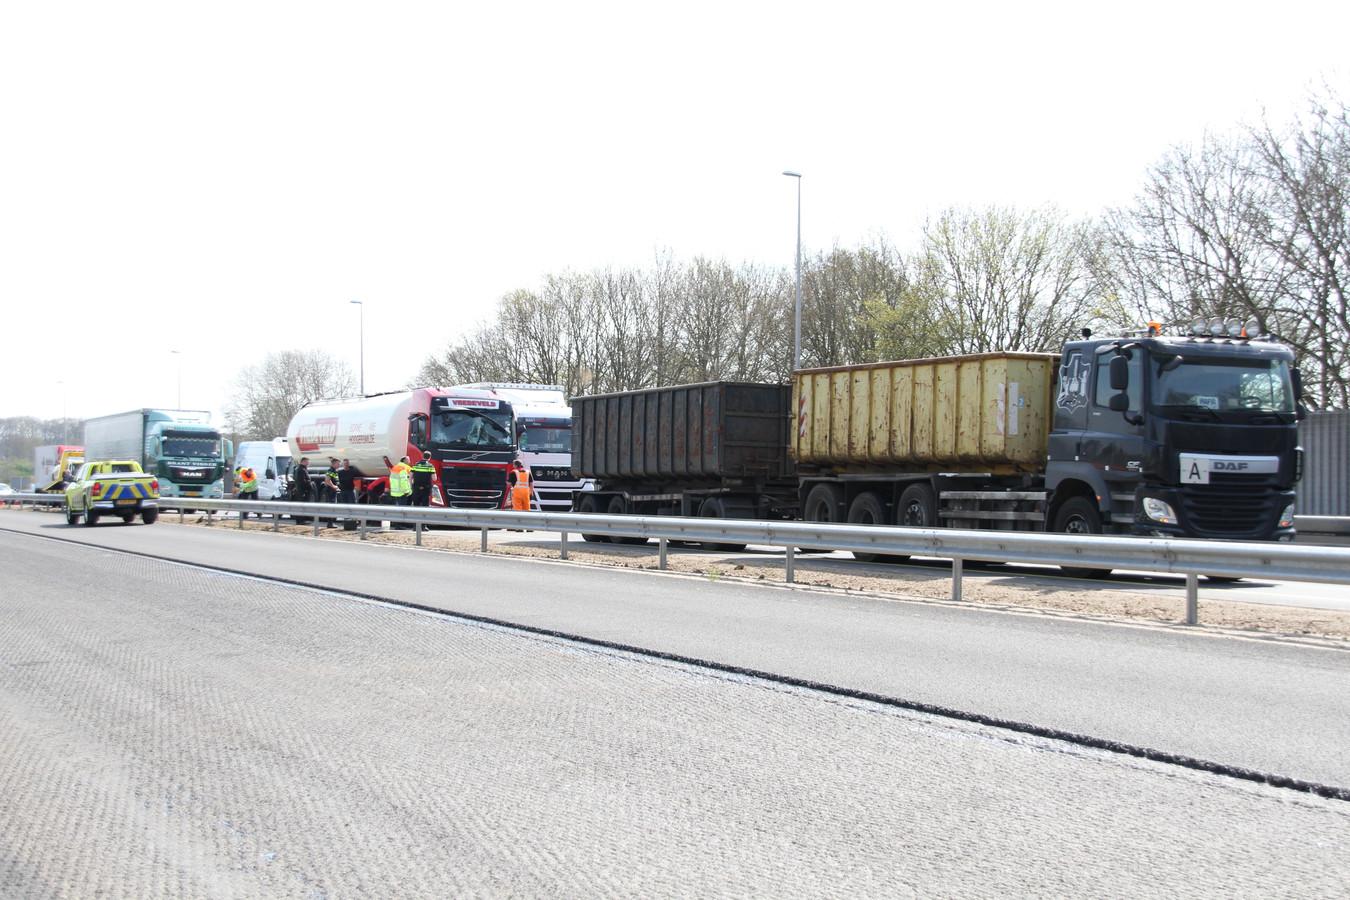 Bij de kettingbotsing waren drie vrachtwagens, een bedrijfsbus en een auto betrokken.